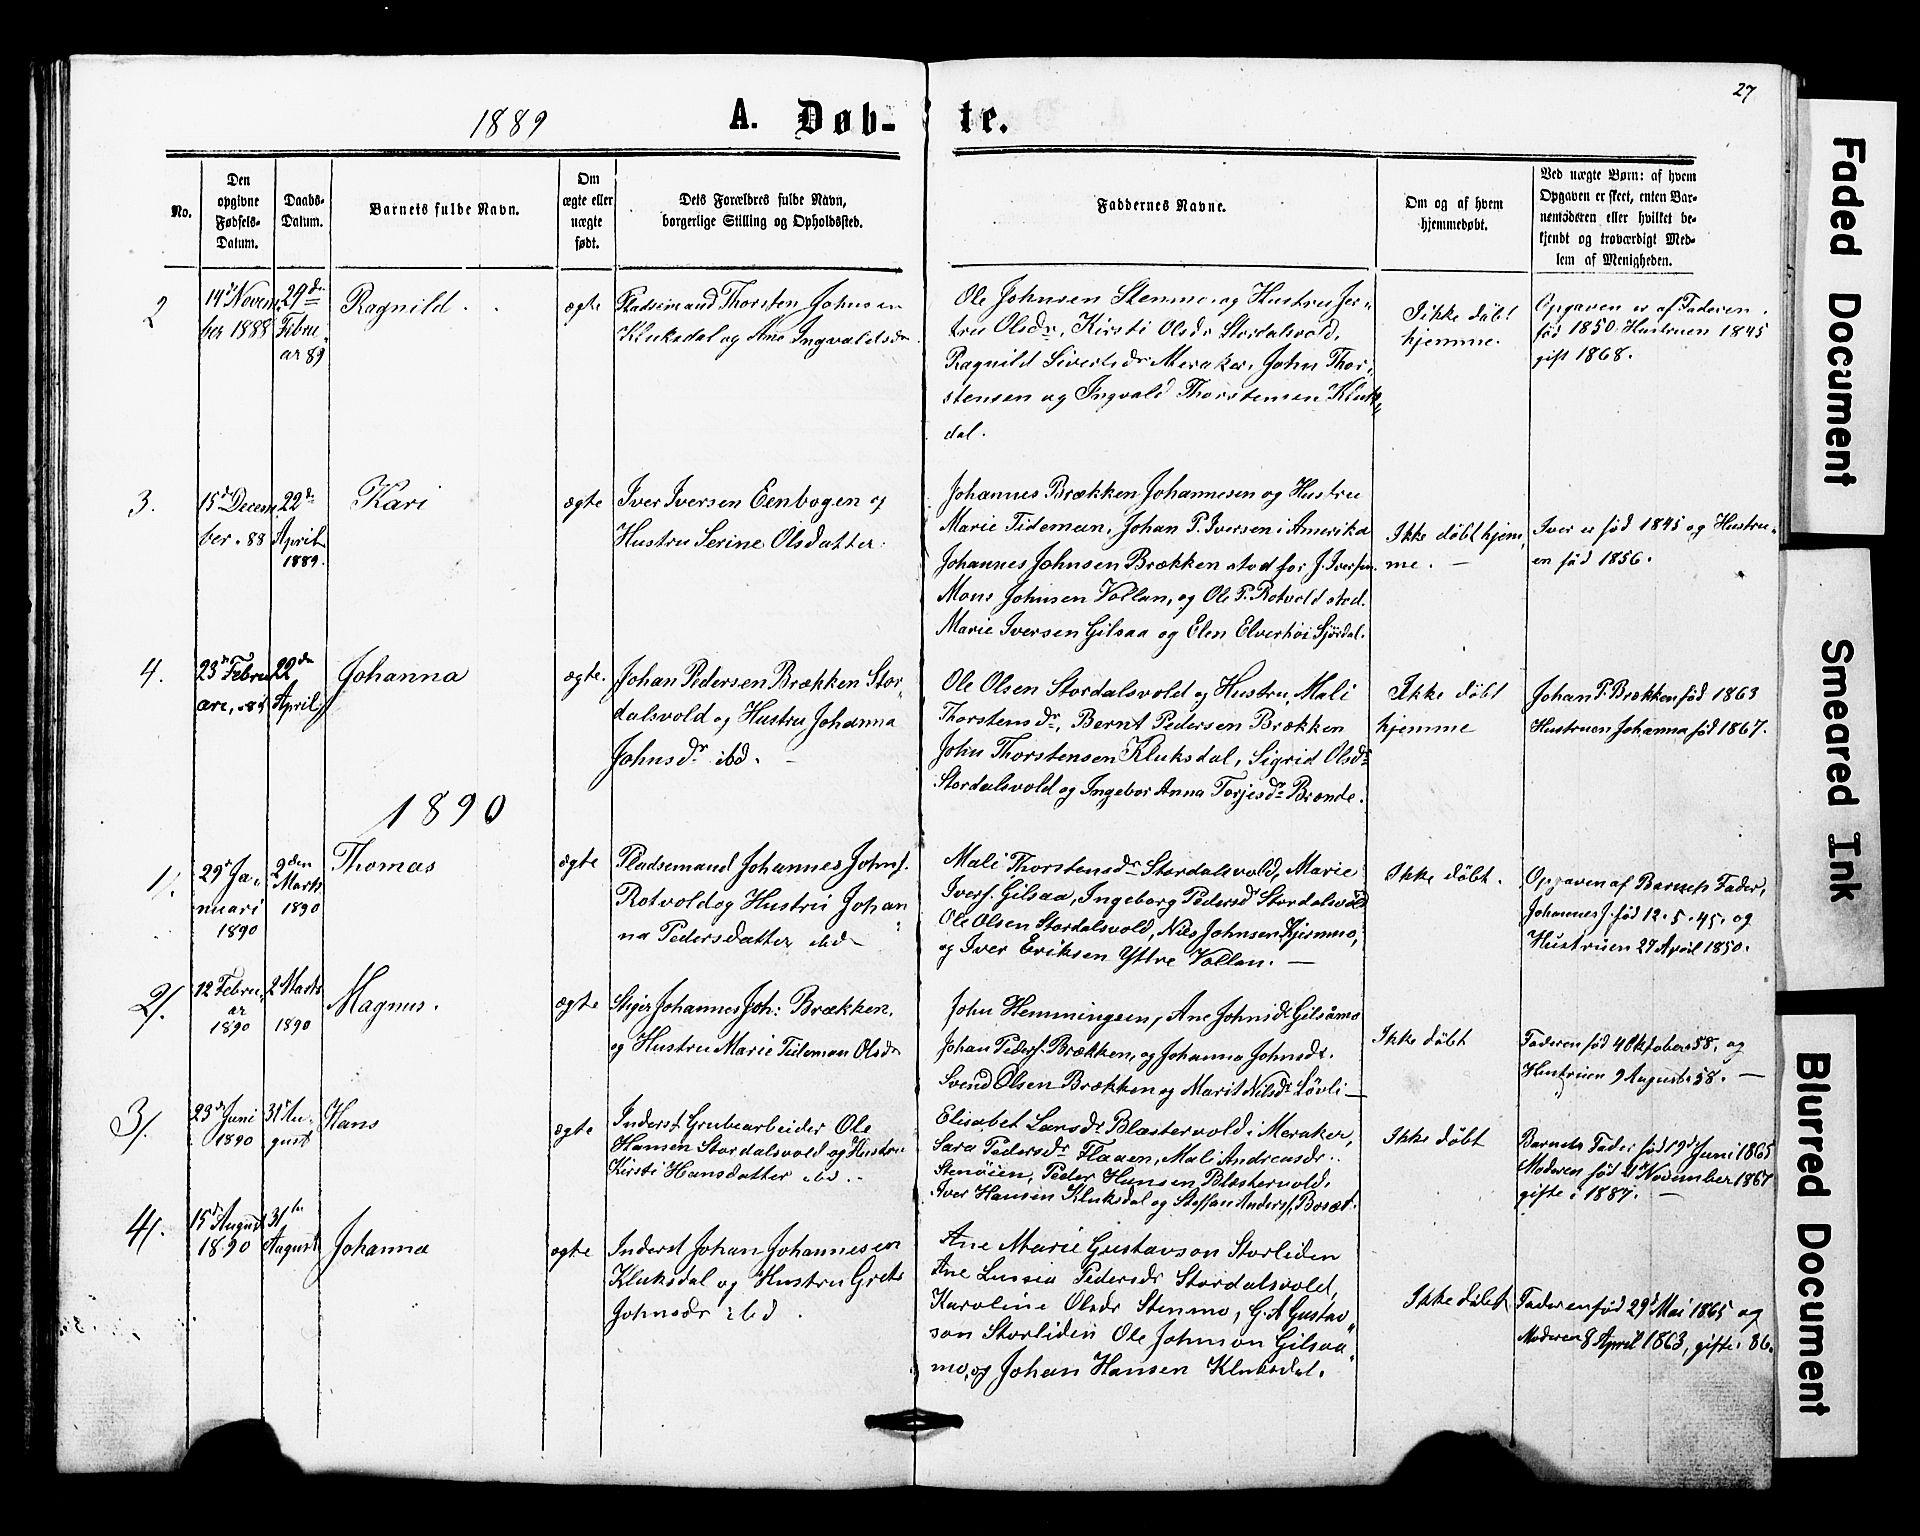 SAT, Ministerialprotokoller, klokkerbøker og fødselsregistre - Nord-Trøndelag, 707/L0052: Klokkerbok nr. 707C01, 1864-1897, s. 27